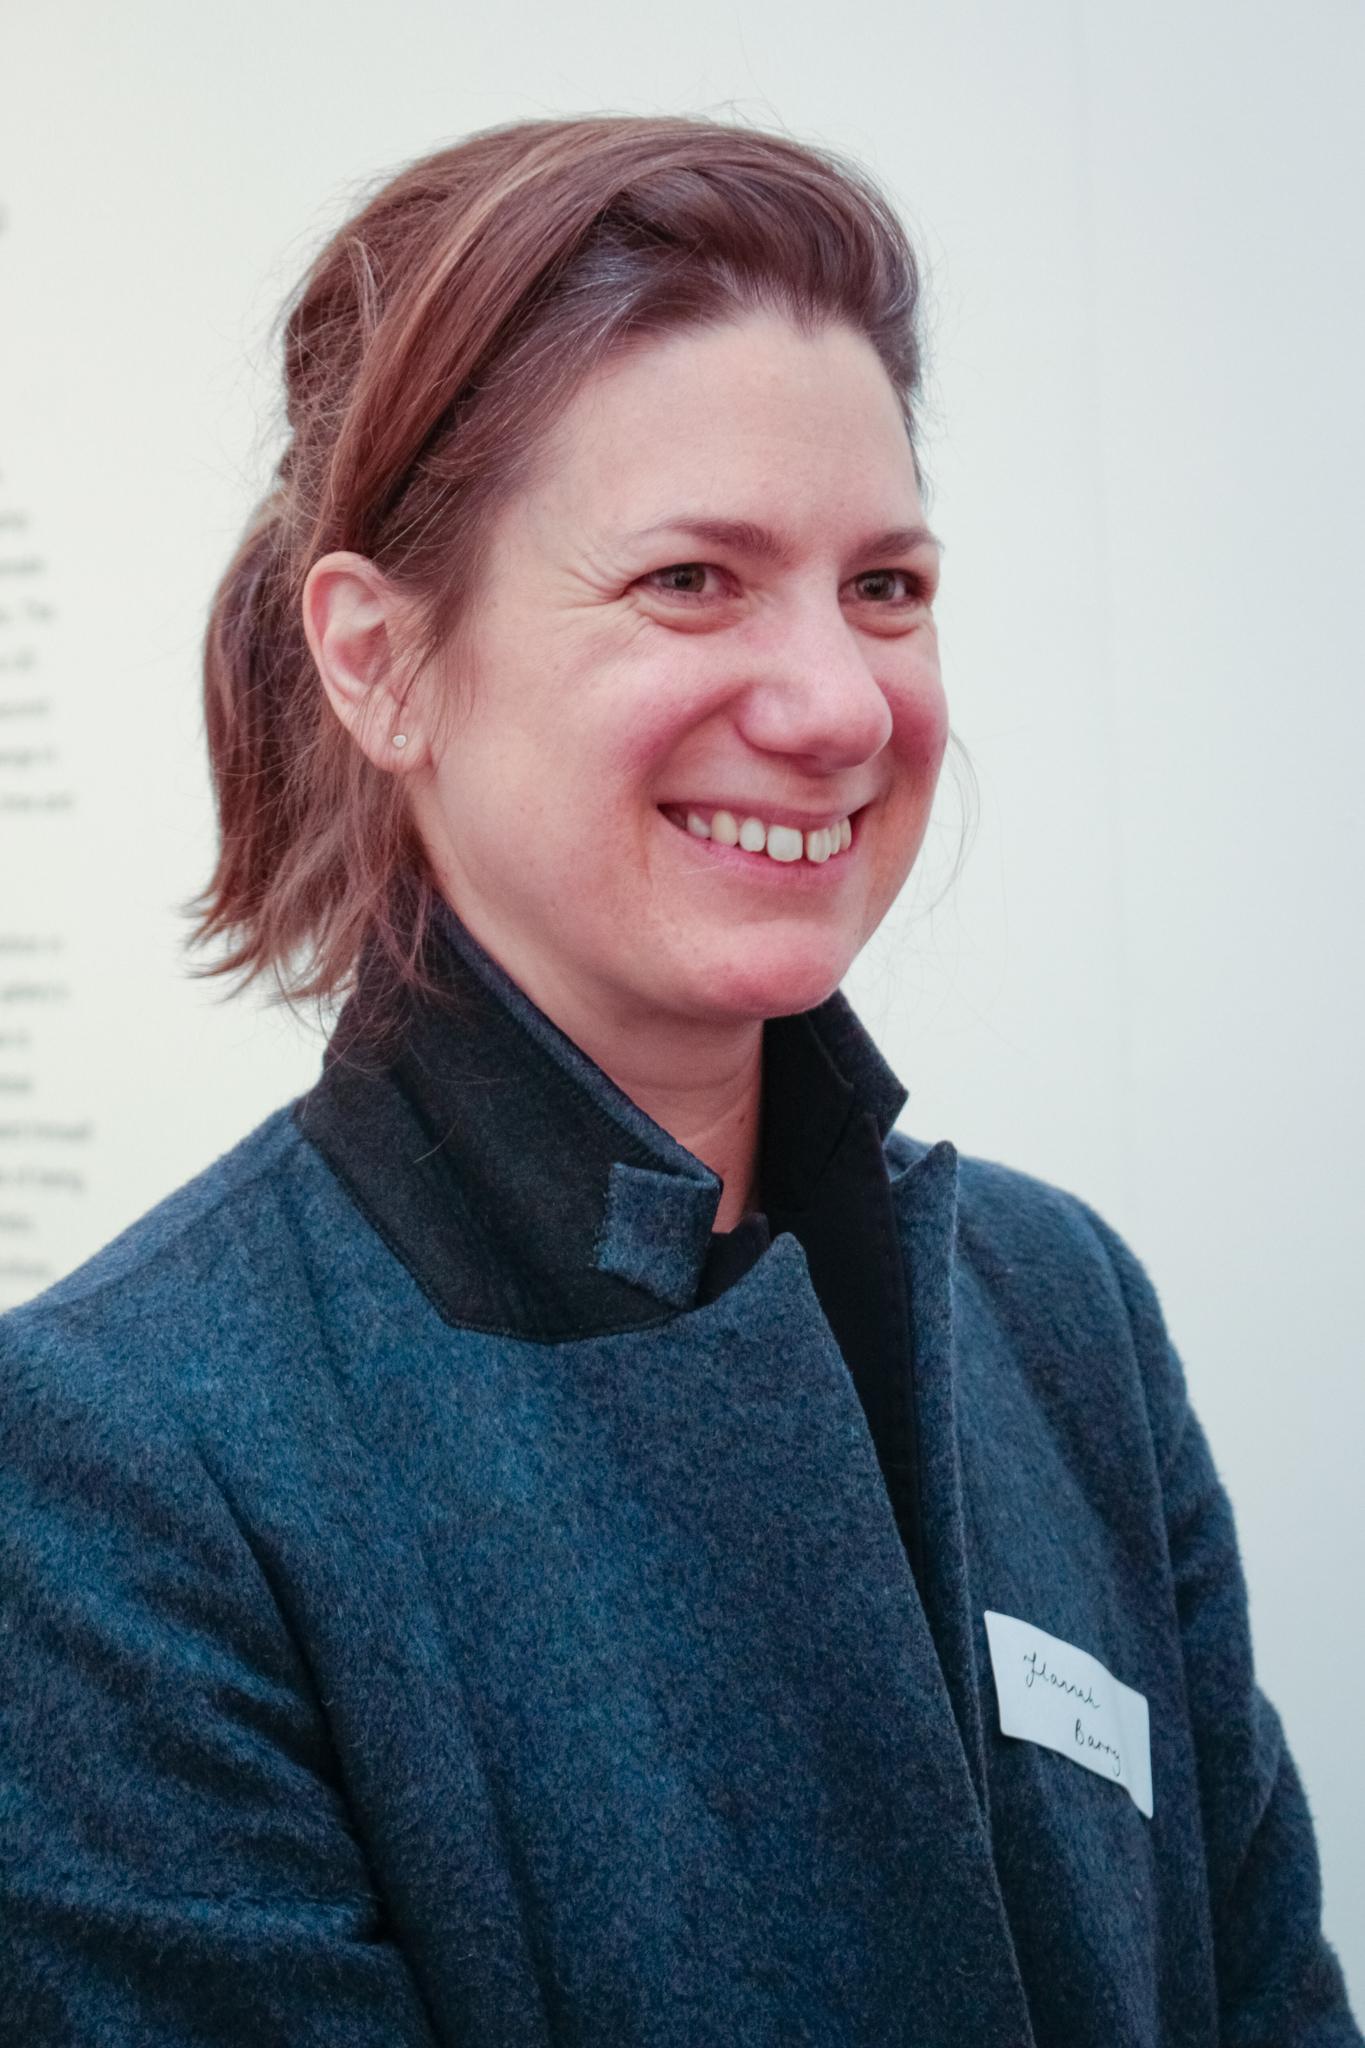 Hannah Barry